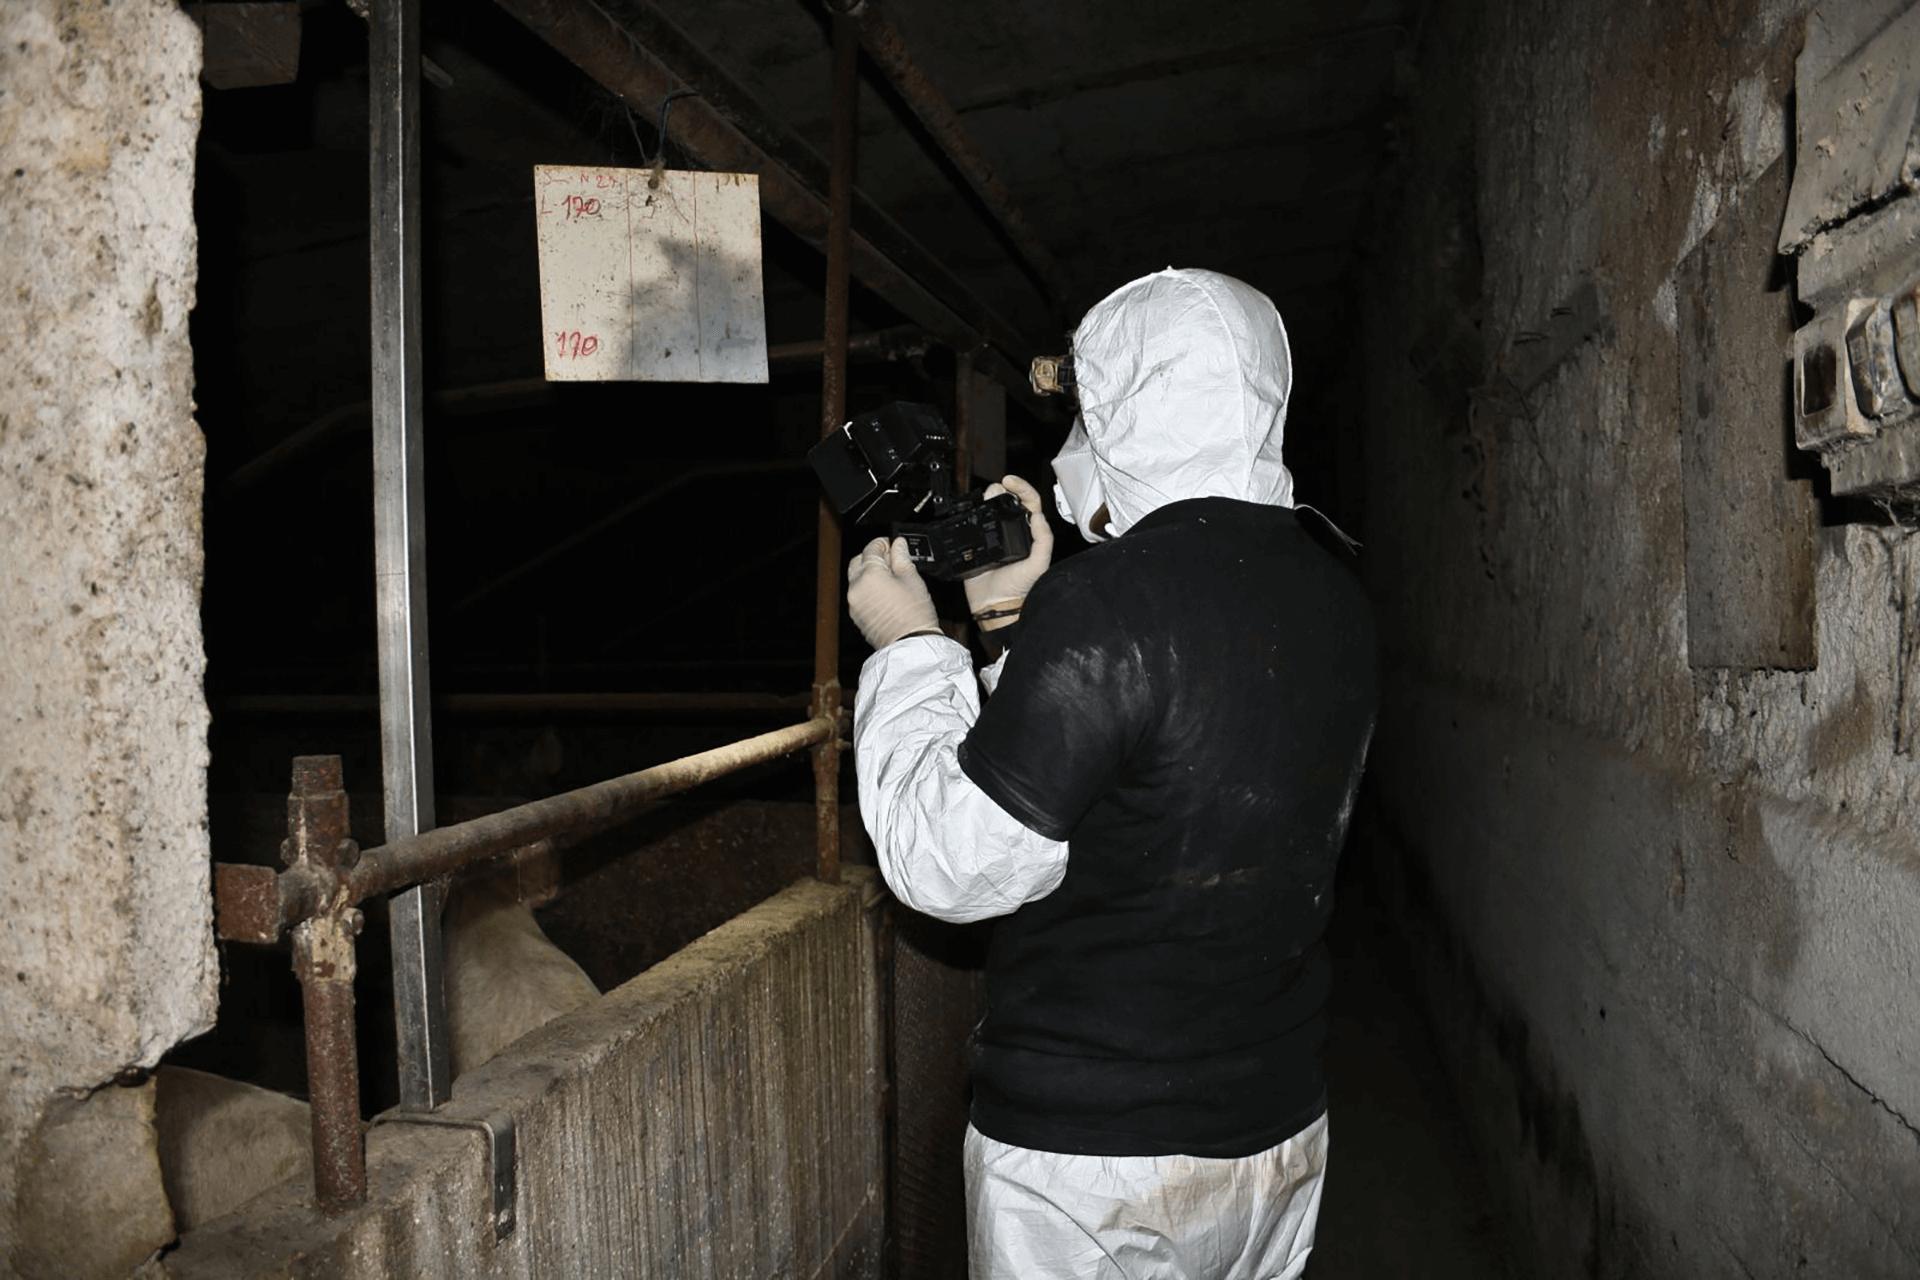 investigatore inchiesta maiali prosciutto